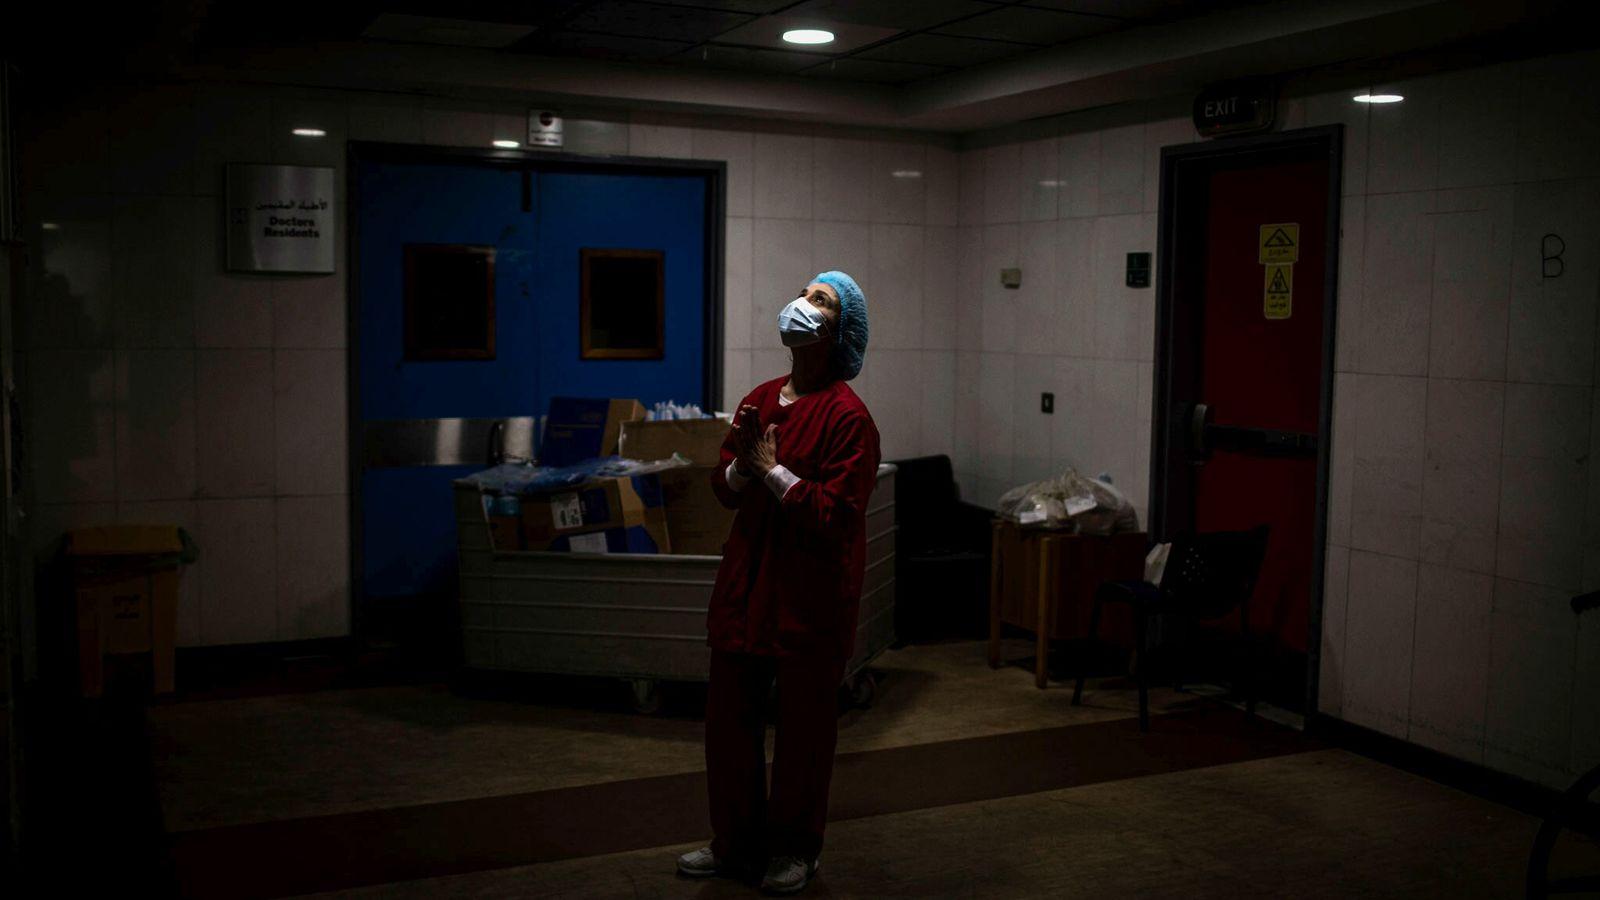 Enfermeira faz oração nos corredores da Unidade de Terapia Intensiva do Hospital Universitário Rafik Hariri em ...